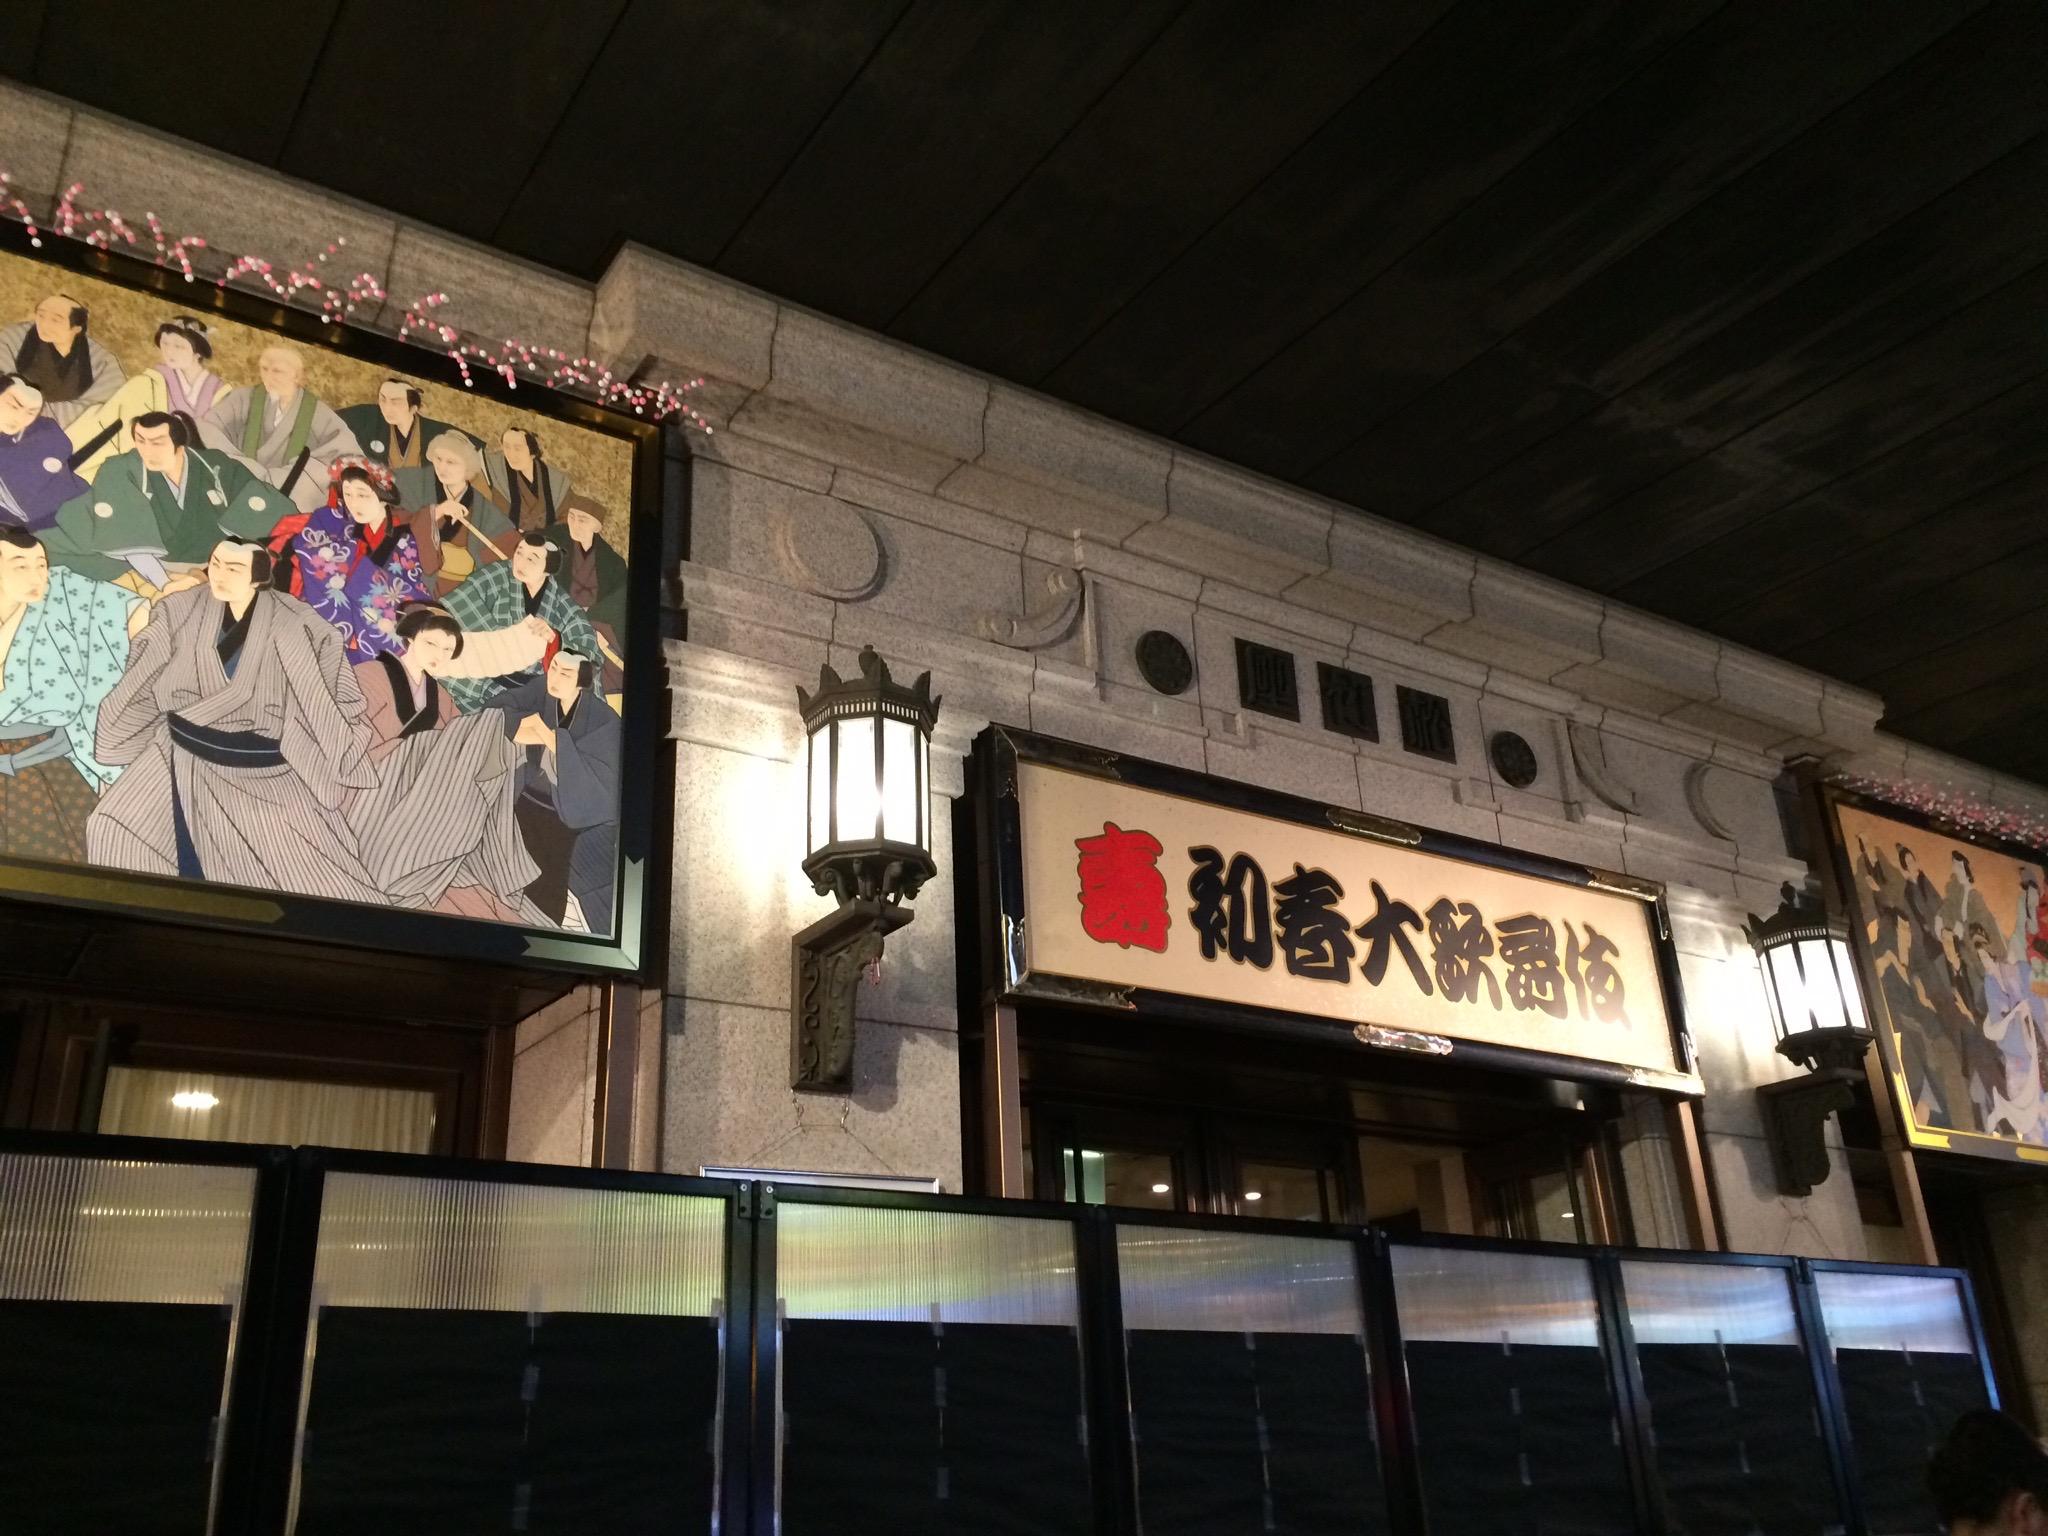 社会人初めての歌舞伎は大満足!松竹座の壽初春大歌舞伎。